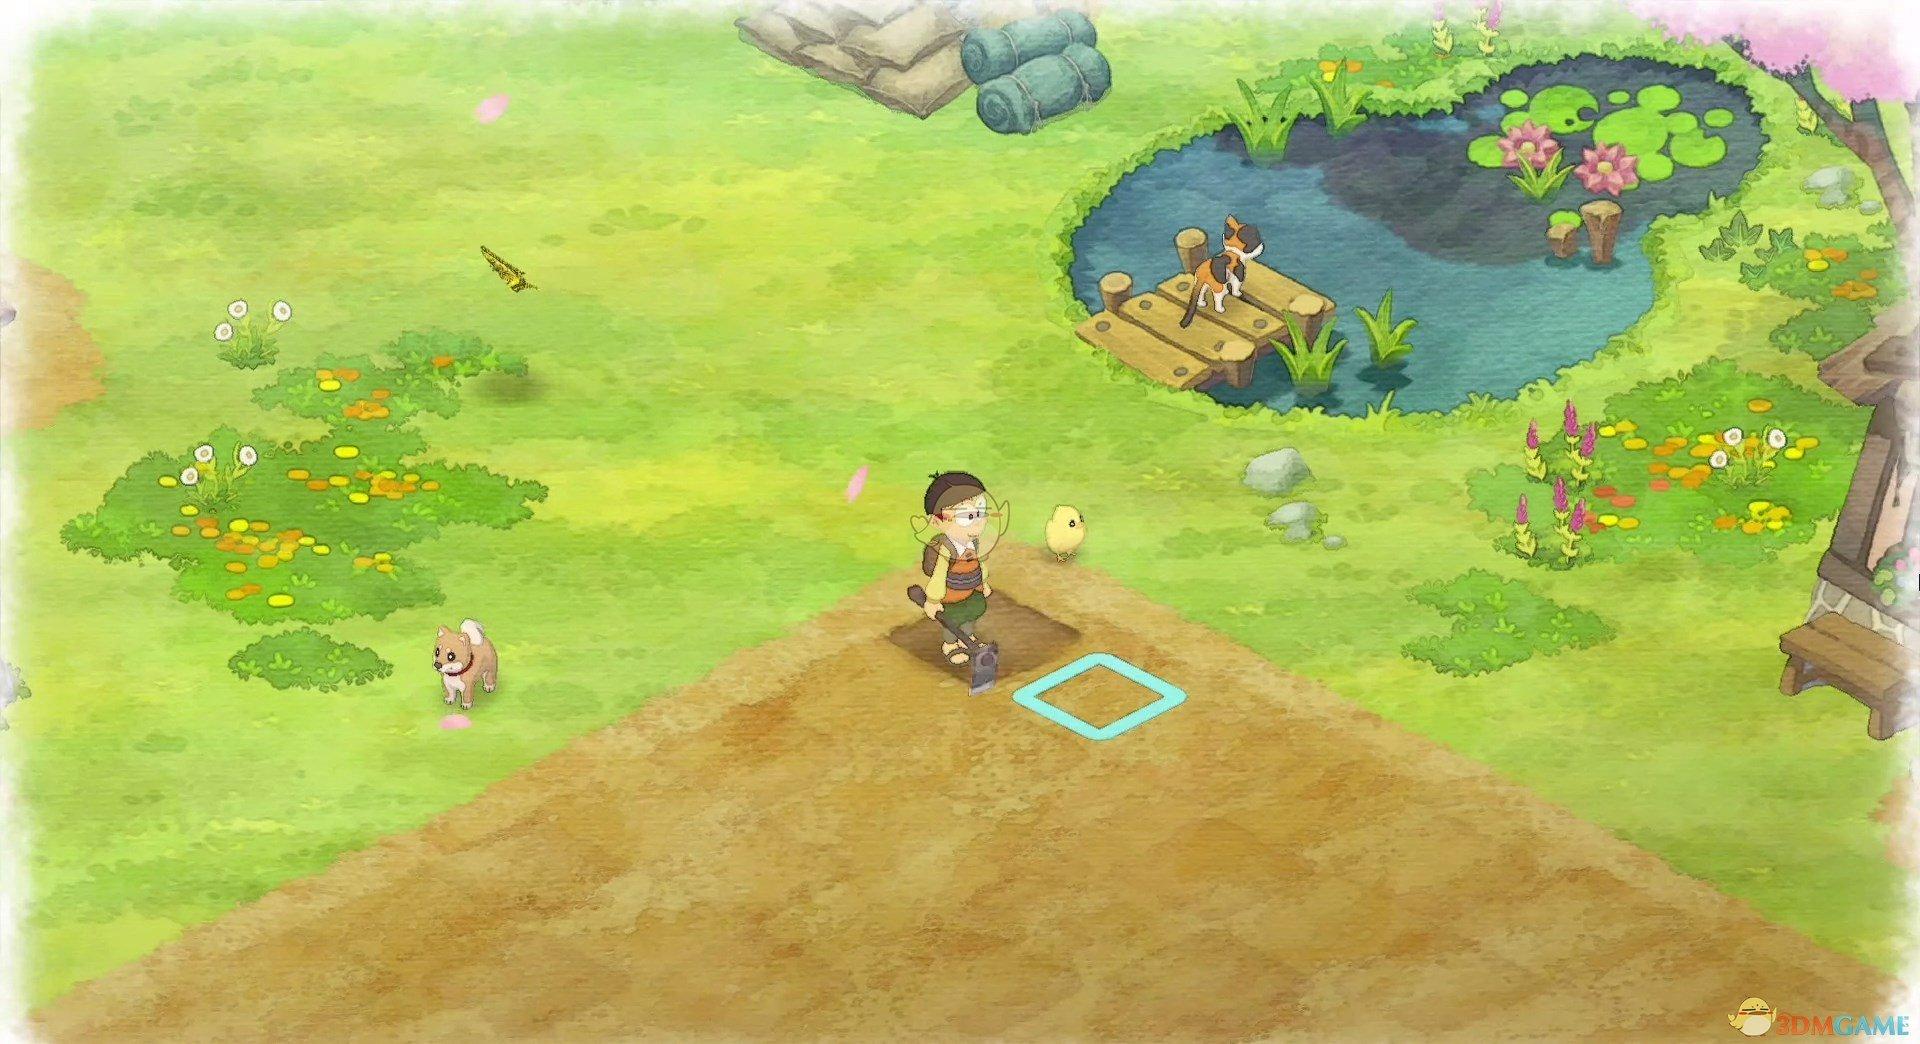 《哆啦A梦:大雄的牧场物语》任意门获得方法分享